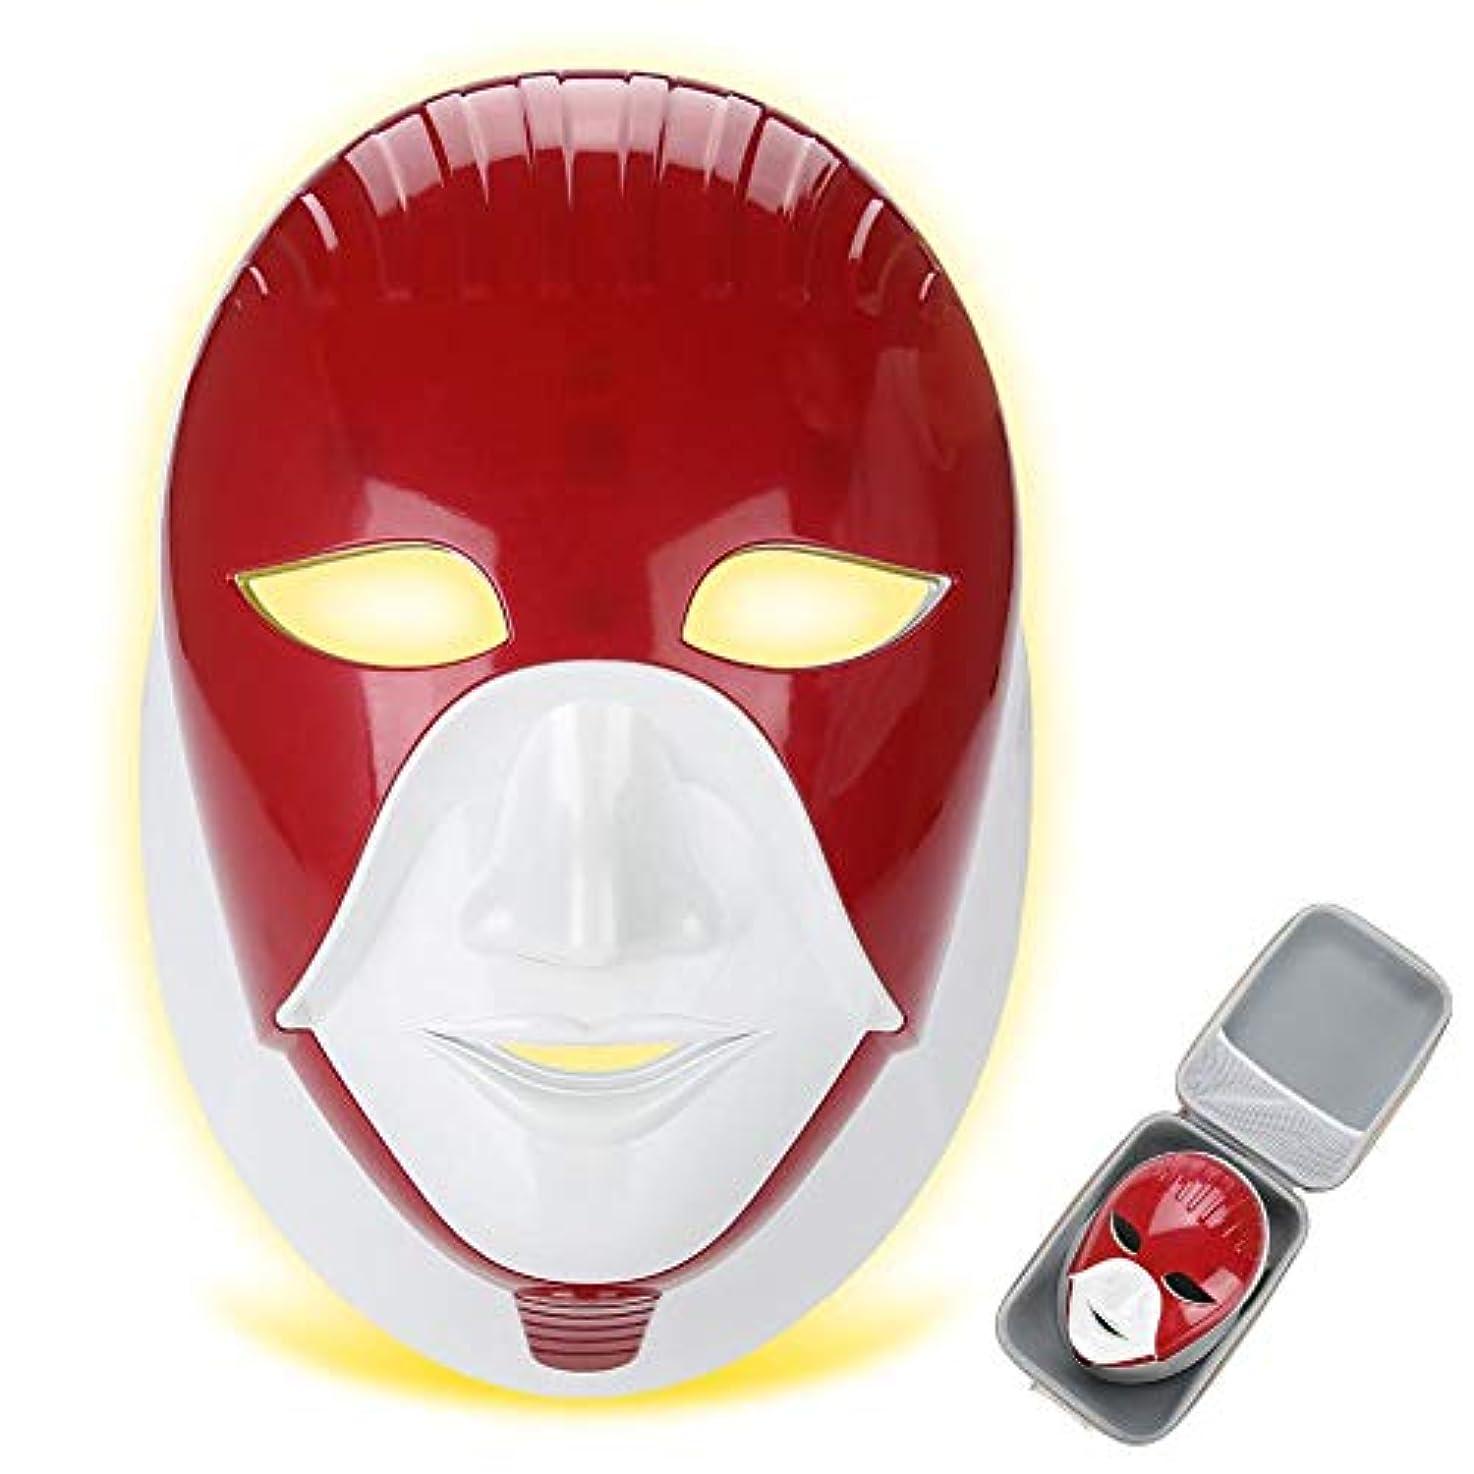 鼓舞する予言するシェトランド諸島LEDフェイシャルネックマスク、滑らかな肌のより良いのための7色のネオン - 輝くライトフェイスケア美容ツール、肌のリラクゼーショング、引き締め、調色、引き締まった肌、瑕疵び、美白(01#)